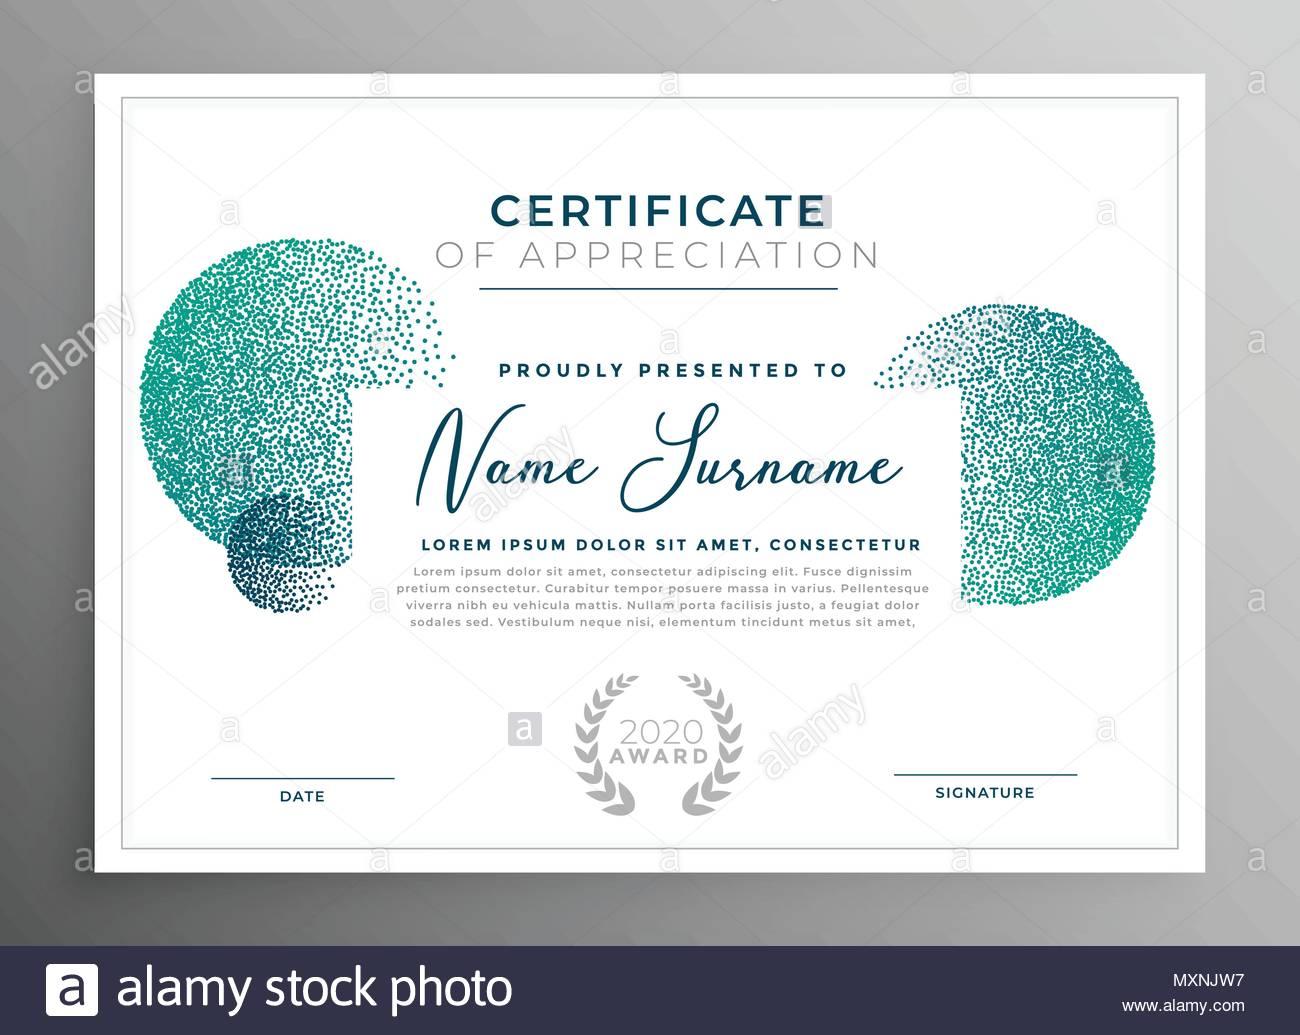 certificate appreciation creative template stock photos